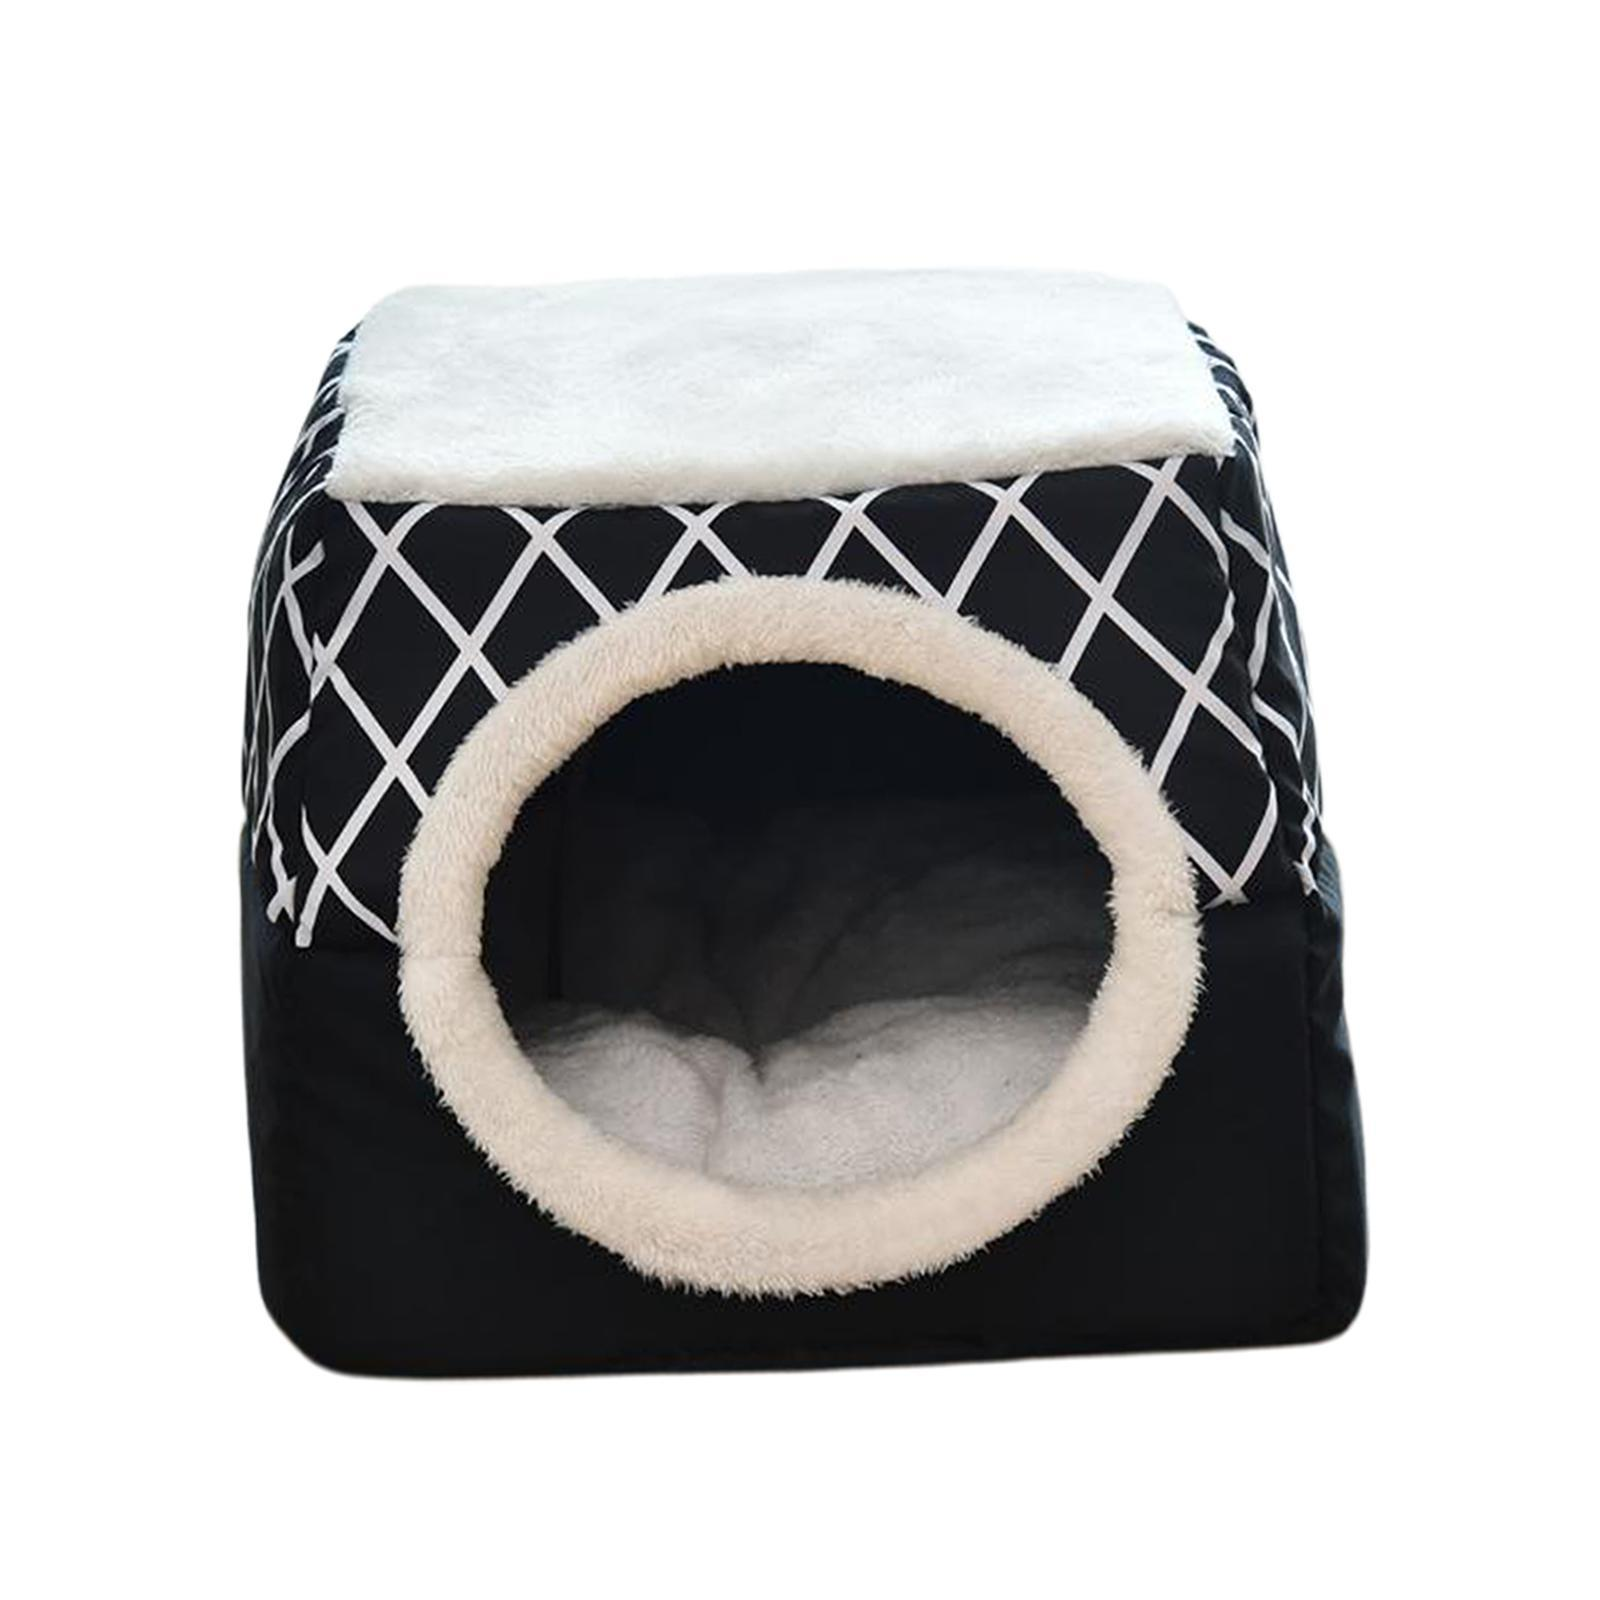 Indexbild 37 - 2-in-1-Weichen-Katzen-Haus-Schlafen-Bett-Zwinger-Puppy-Cave-Warme-Nest-Matte